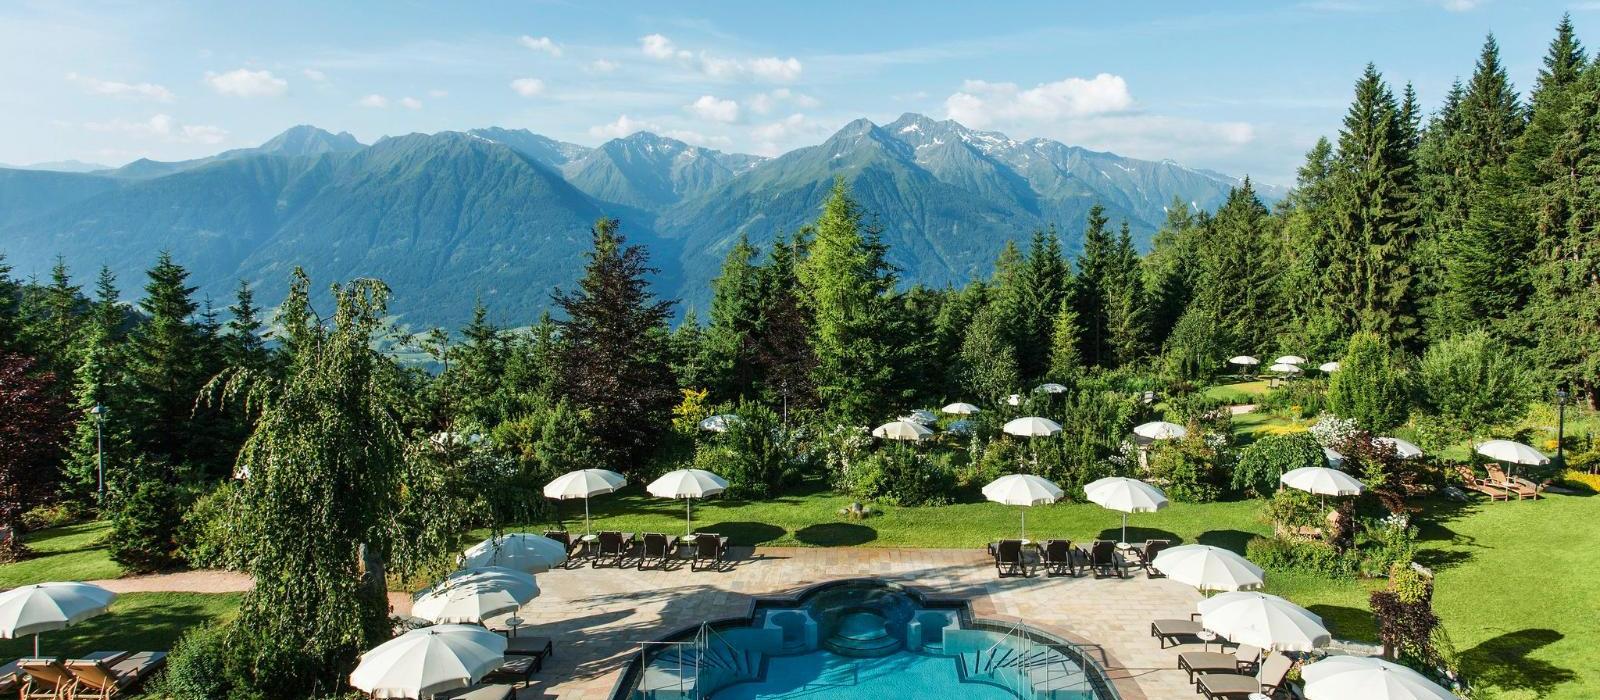 阿尔卑斯山蒂罗尔度假酒店(Interalpen-Hotel Tyrol) 泳池图片  www.lhw.cn